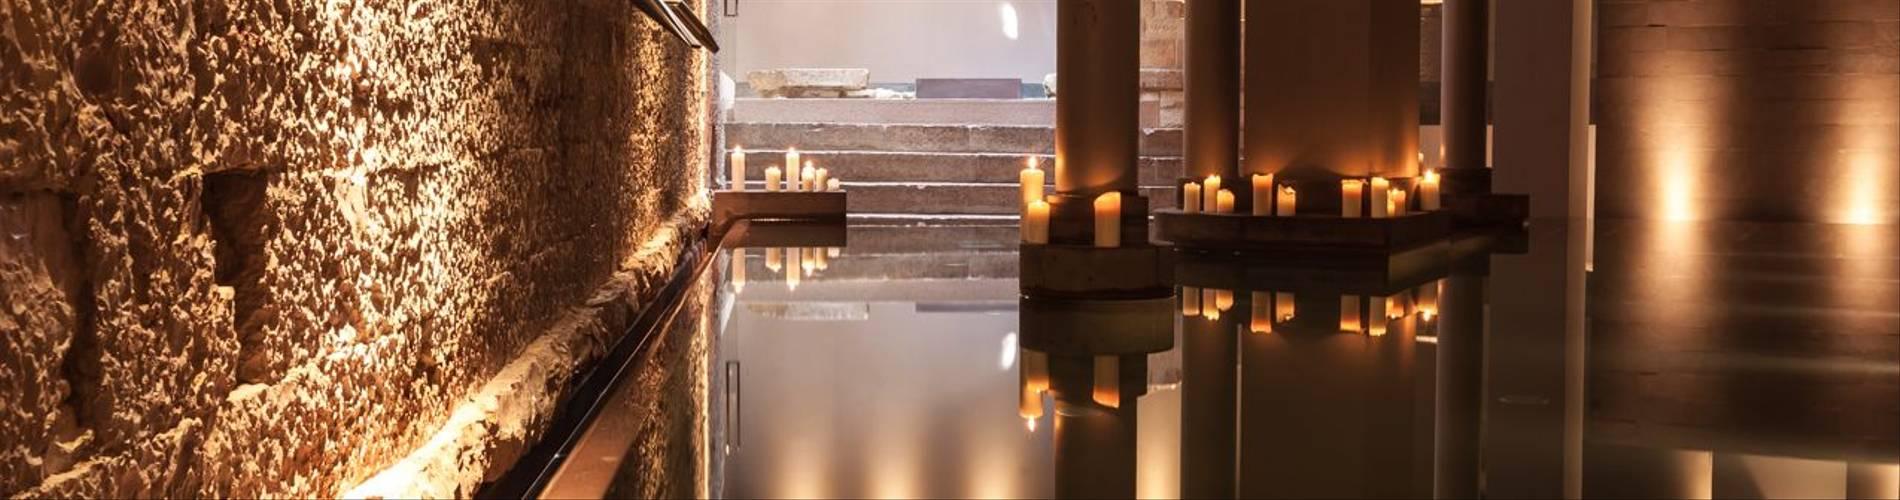 Nun Assisi Relais & Spa, Umbria, Italy (17).jpg